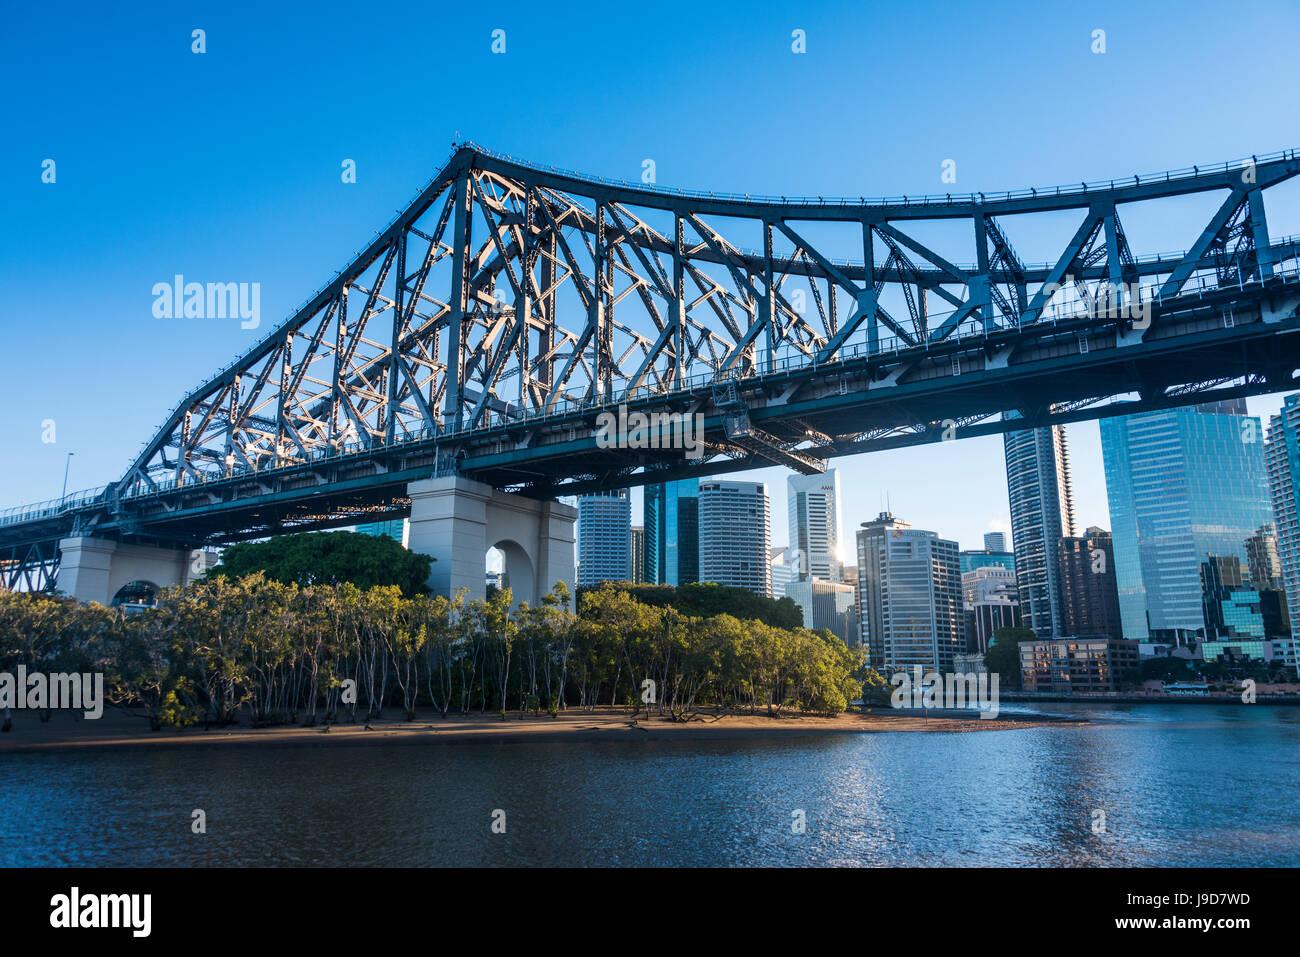 Pont de fer (Story Bridge) sur la Rivière de Brisbane, Brisbane, Queensland, Australie, Pacifique Photo Stock